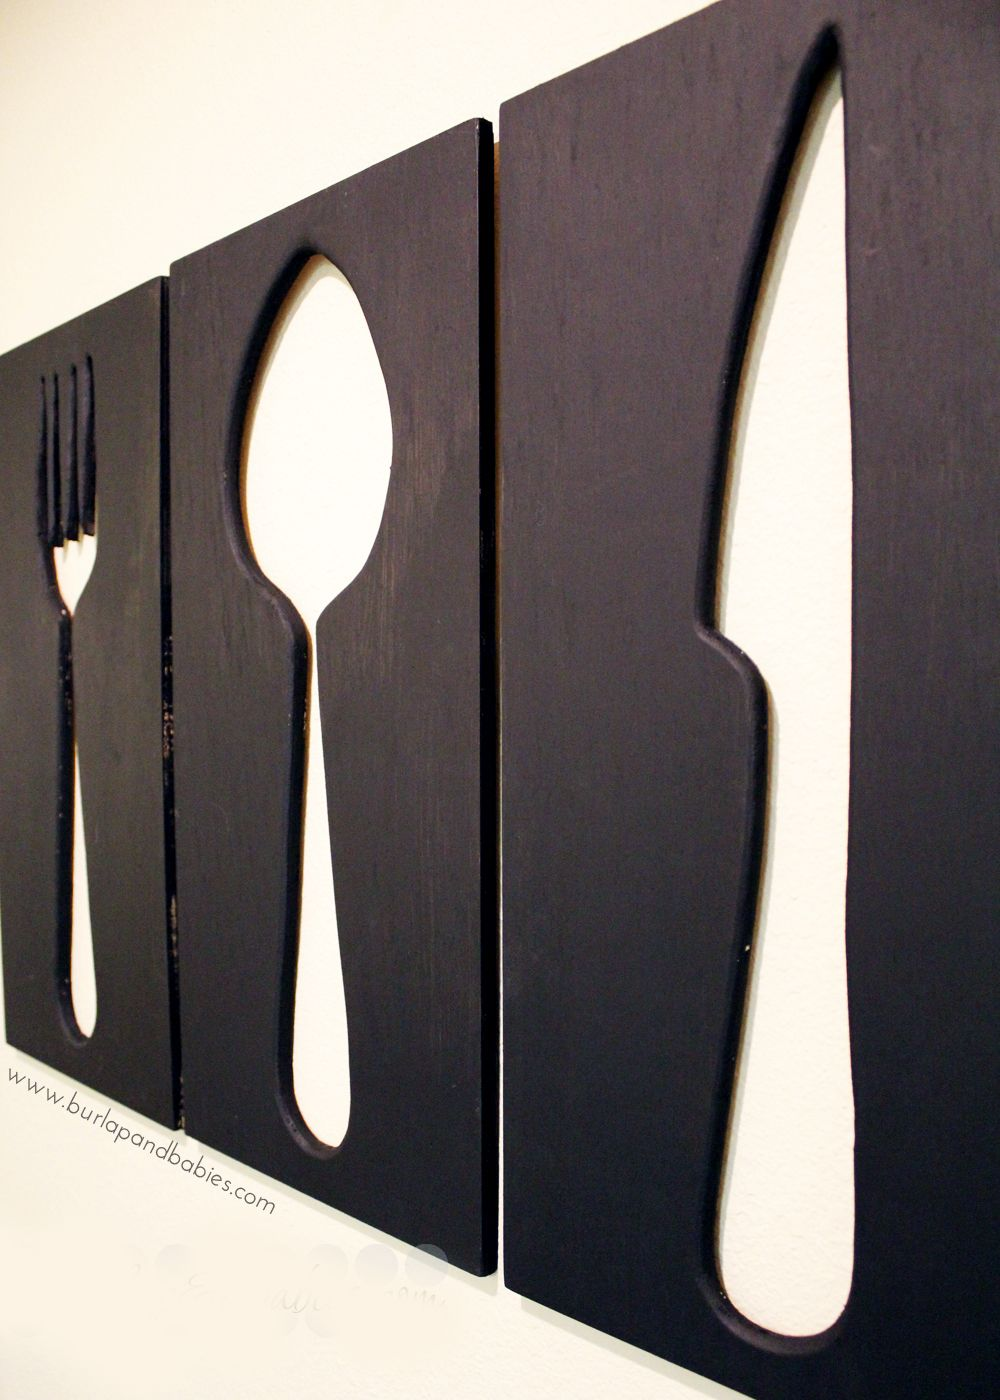 Ein rahmen zu hause design-ideen how to make giant utensil wall art  aktuelle ideen  pinterest